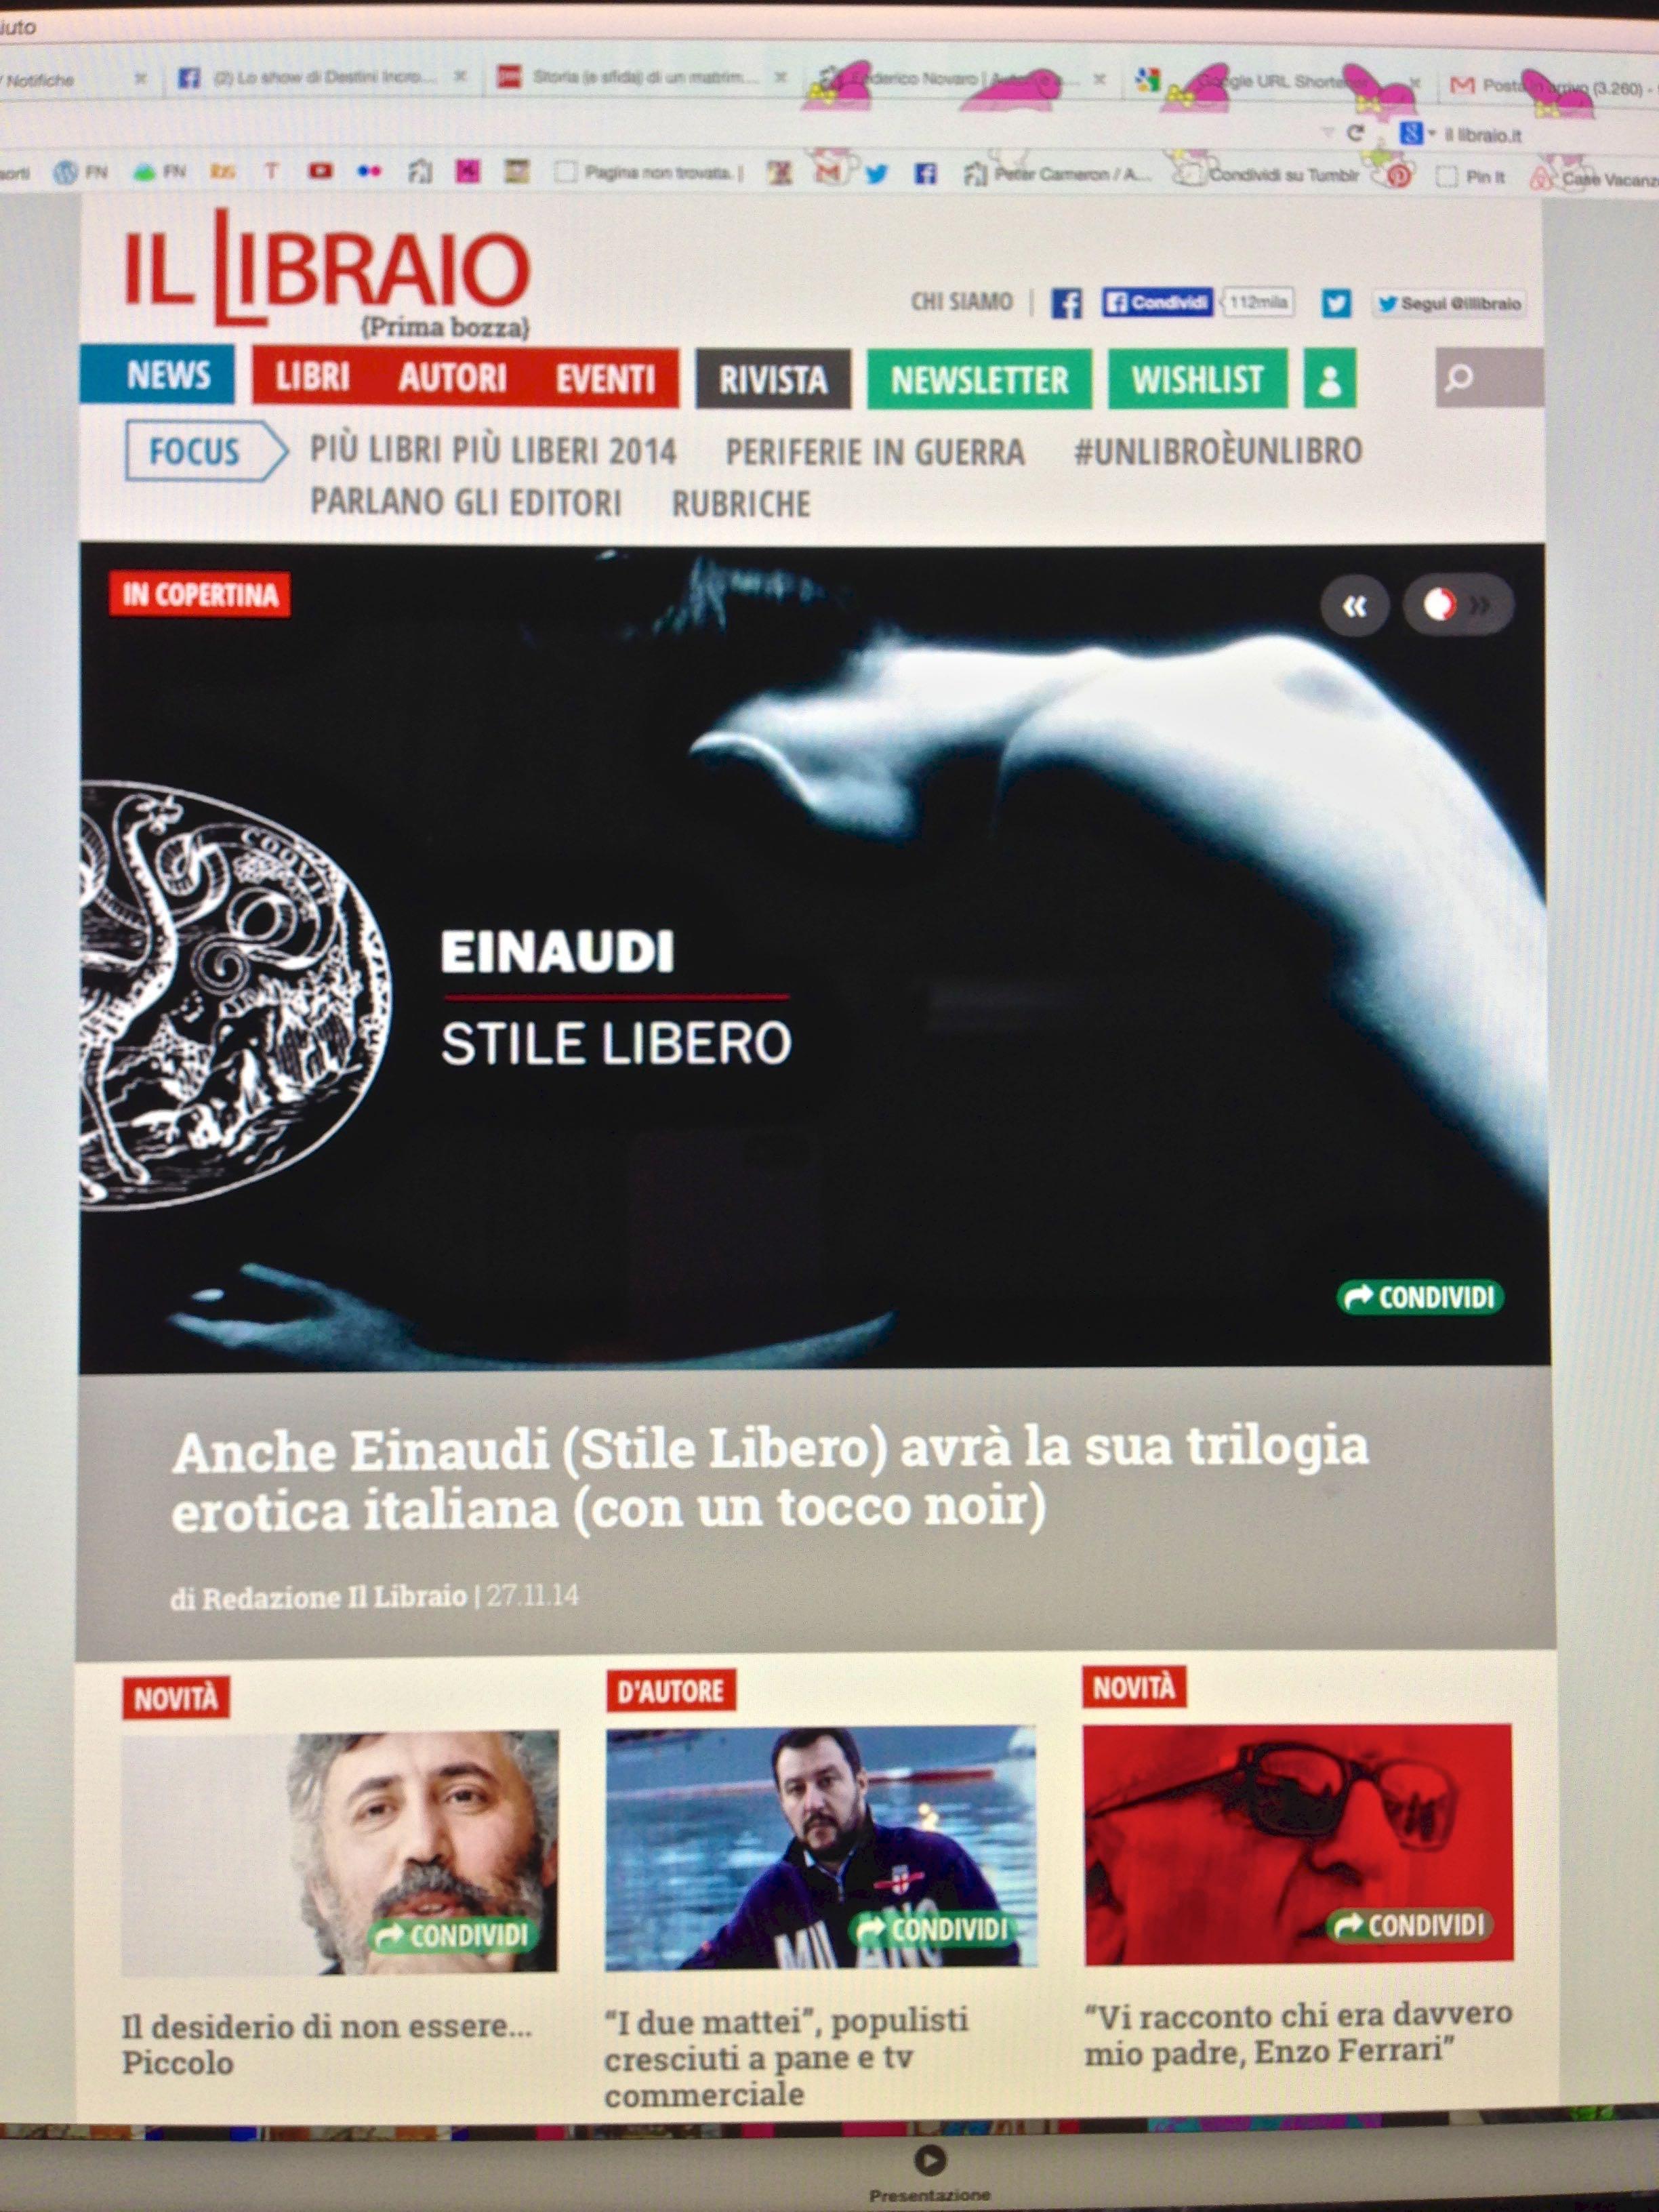 illibraio.it